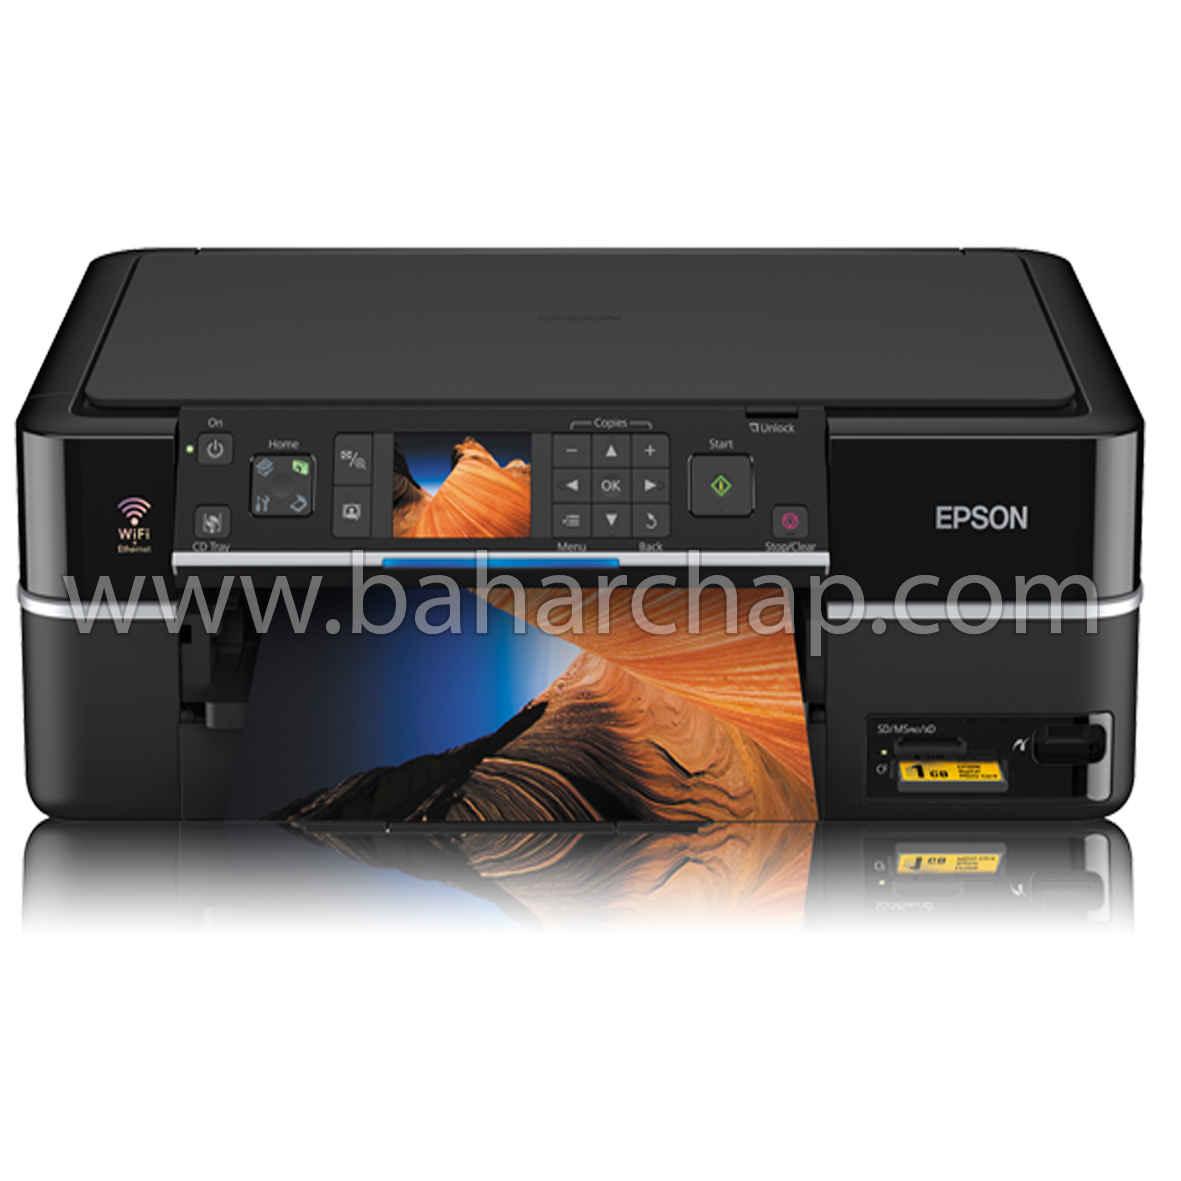 فروشگاه و خدمات اینترنتی بهارچاپ اصفهان-نرم افزار ریست پرینتر اپسون PX700-Epson Adjustment program PX700